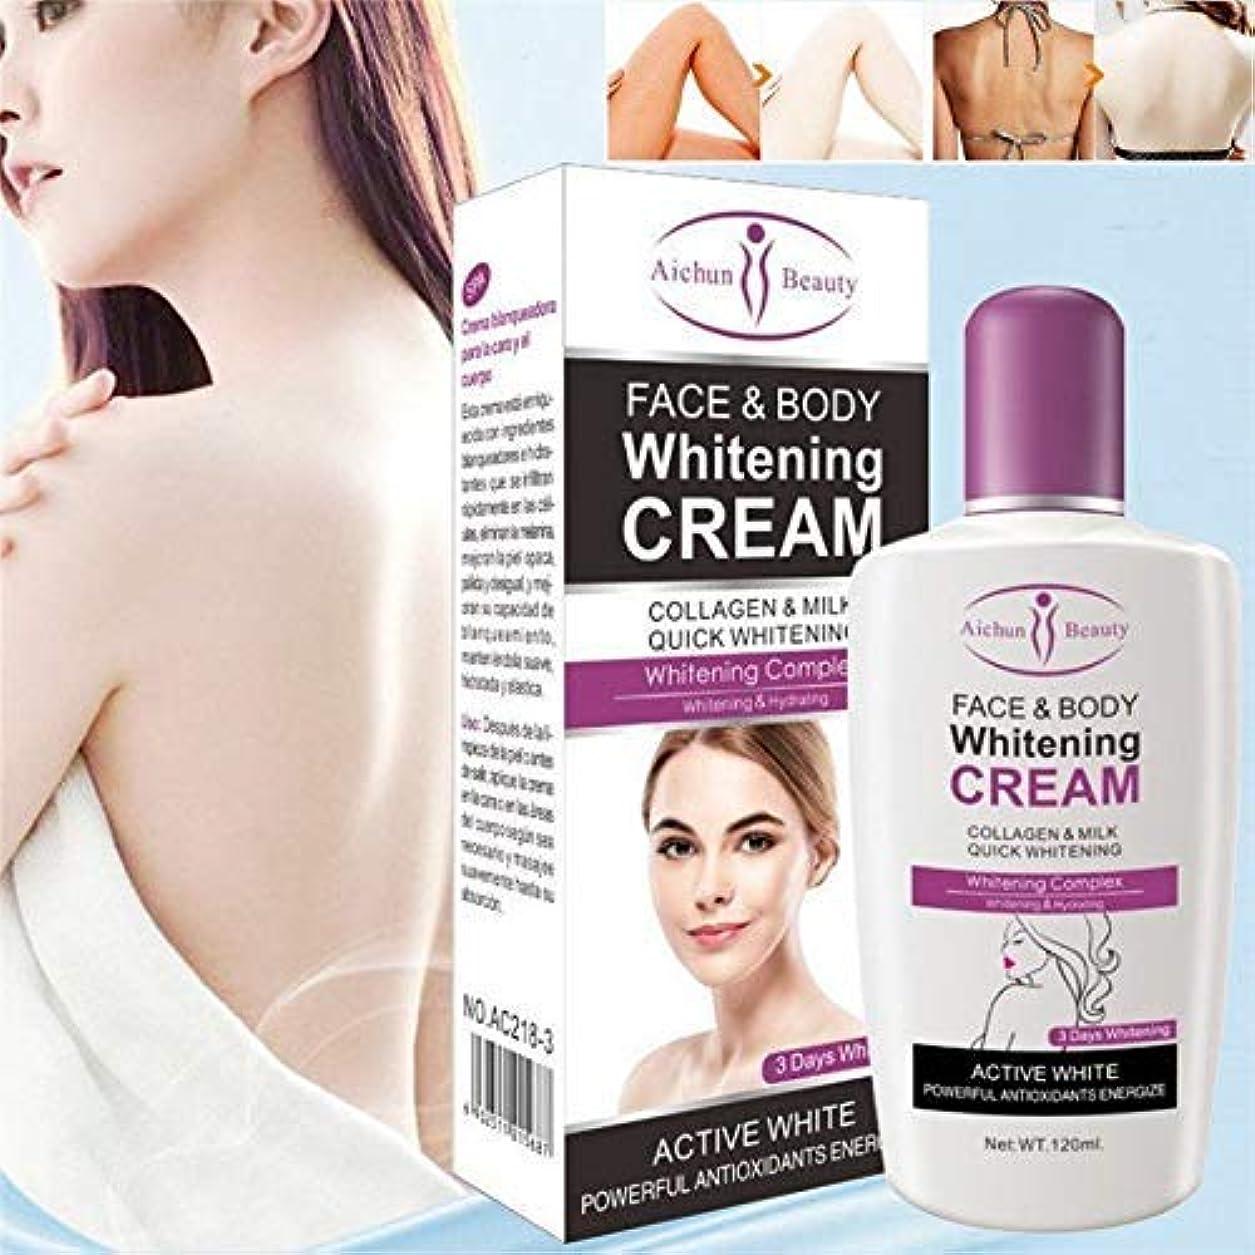 めまいがテレビ局シーフード(最高の価格と品質)3個Aichunブリーチングブライトニングボディローションホワイトニングクリームボディクリームダークスキン用プライベートパーツフォーミュラ脇ホワイトナー120ml (Best price and Quality) 3 Pieces Aichun Bleaching Brightening Body Lotion Whitening Cream Body Cream for Dark Skin Private Parts Formula Armpit Whitener 120Ml (3 Pieces)